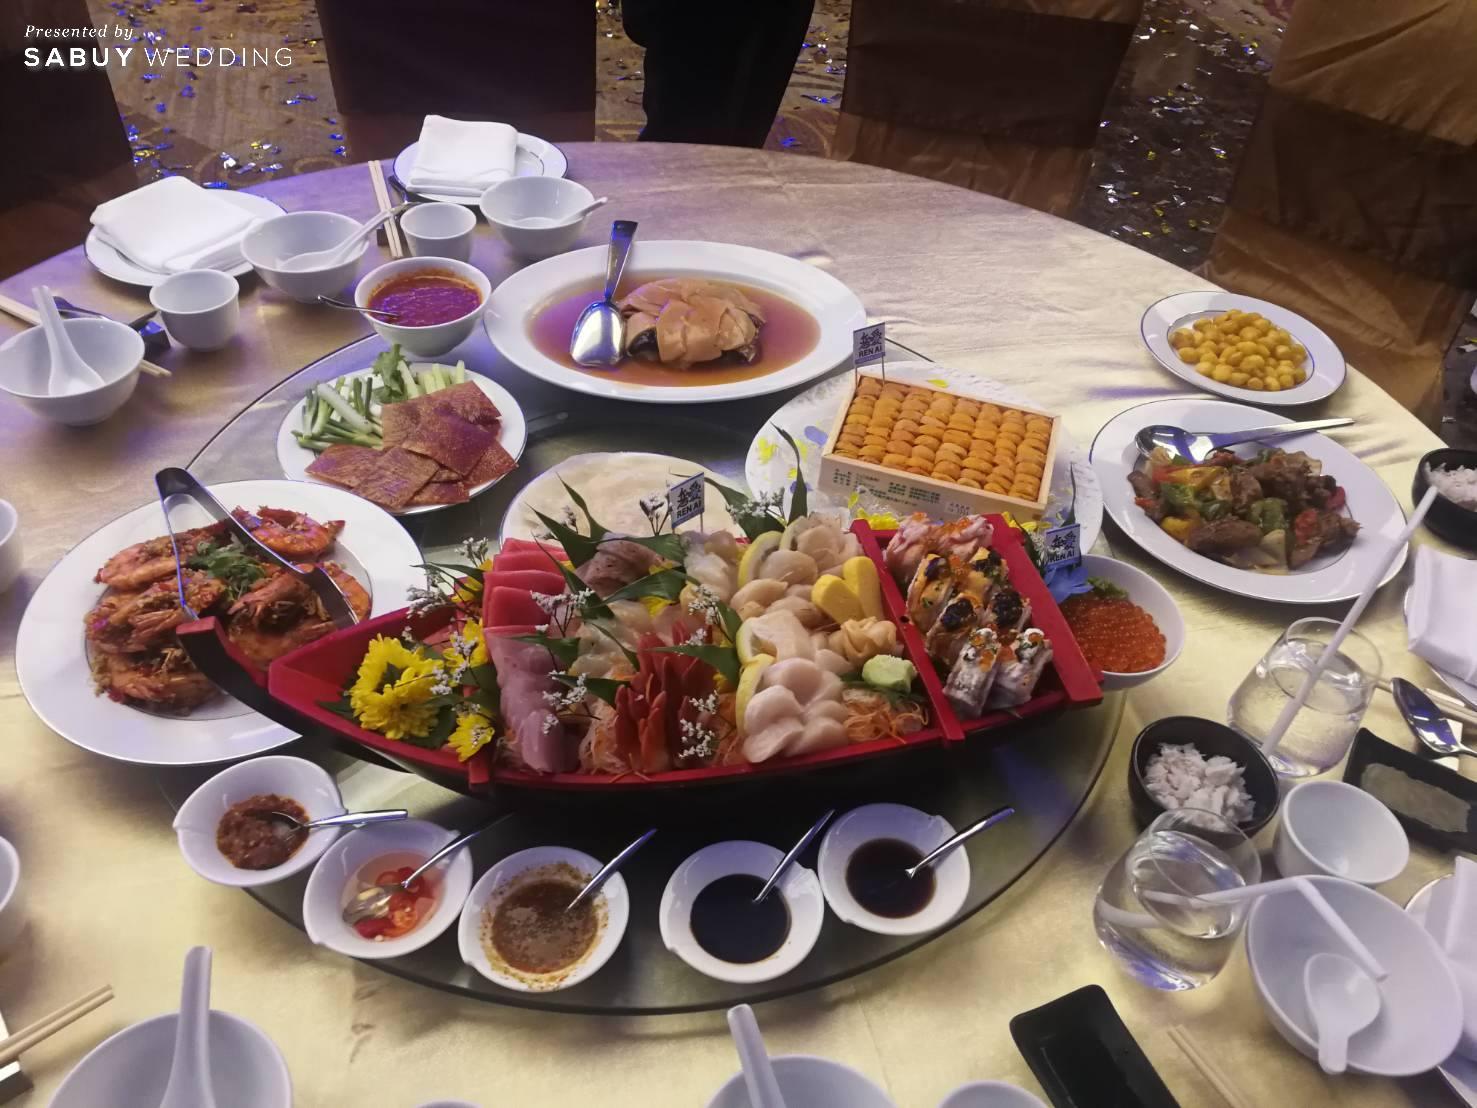 โรงแรม,งานแต่งงาน,อาหารงานแต่ง รีวิวงานแต่งแสนหวานกับคอนเซ็ปต์งานสไตล์ English Garden @ Sofitel Bangkok Sukhumvit